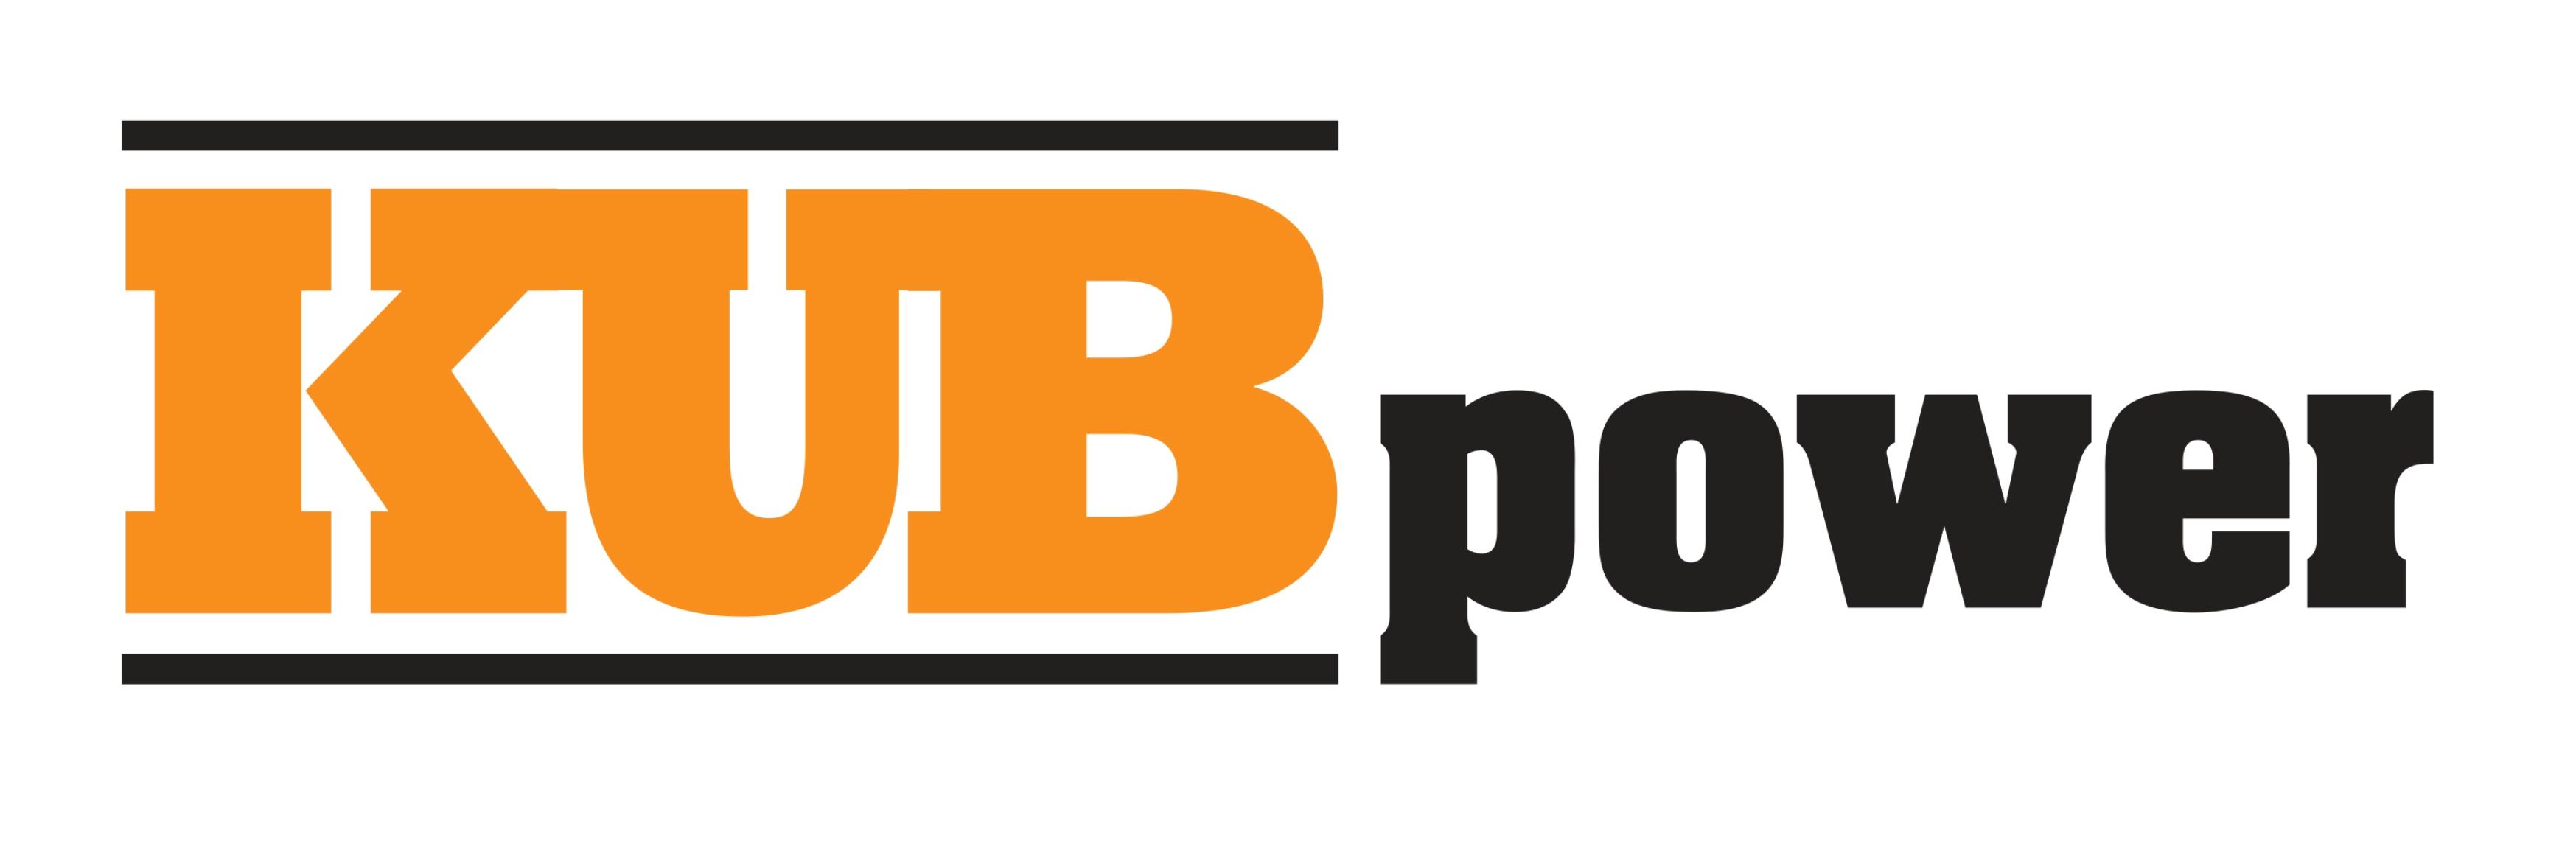 Kubpower